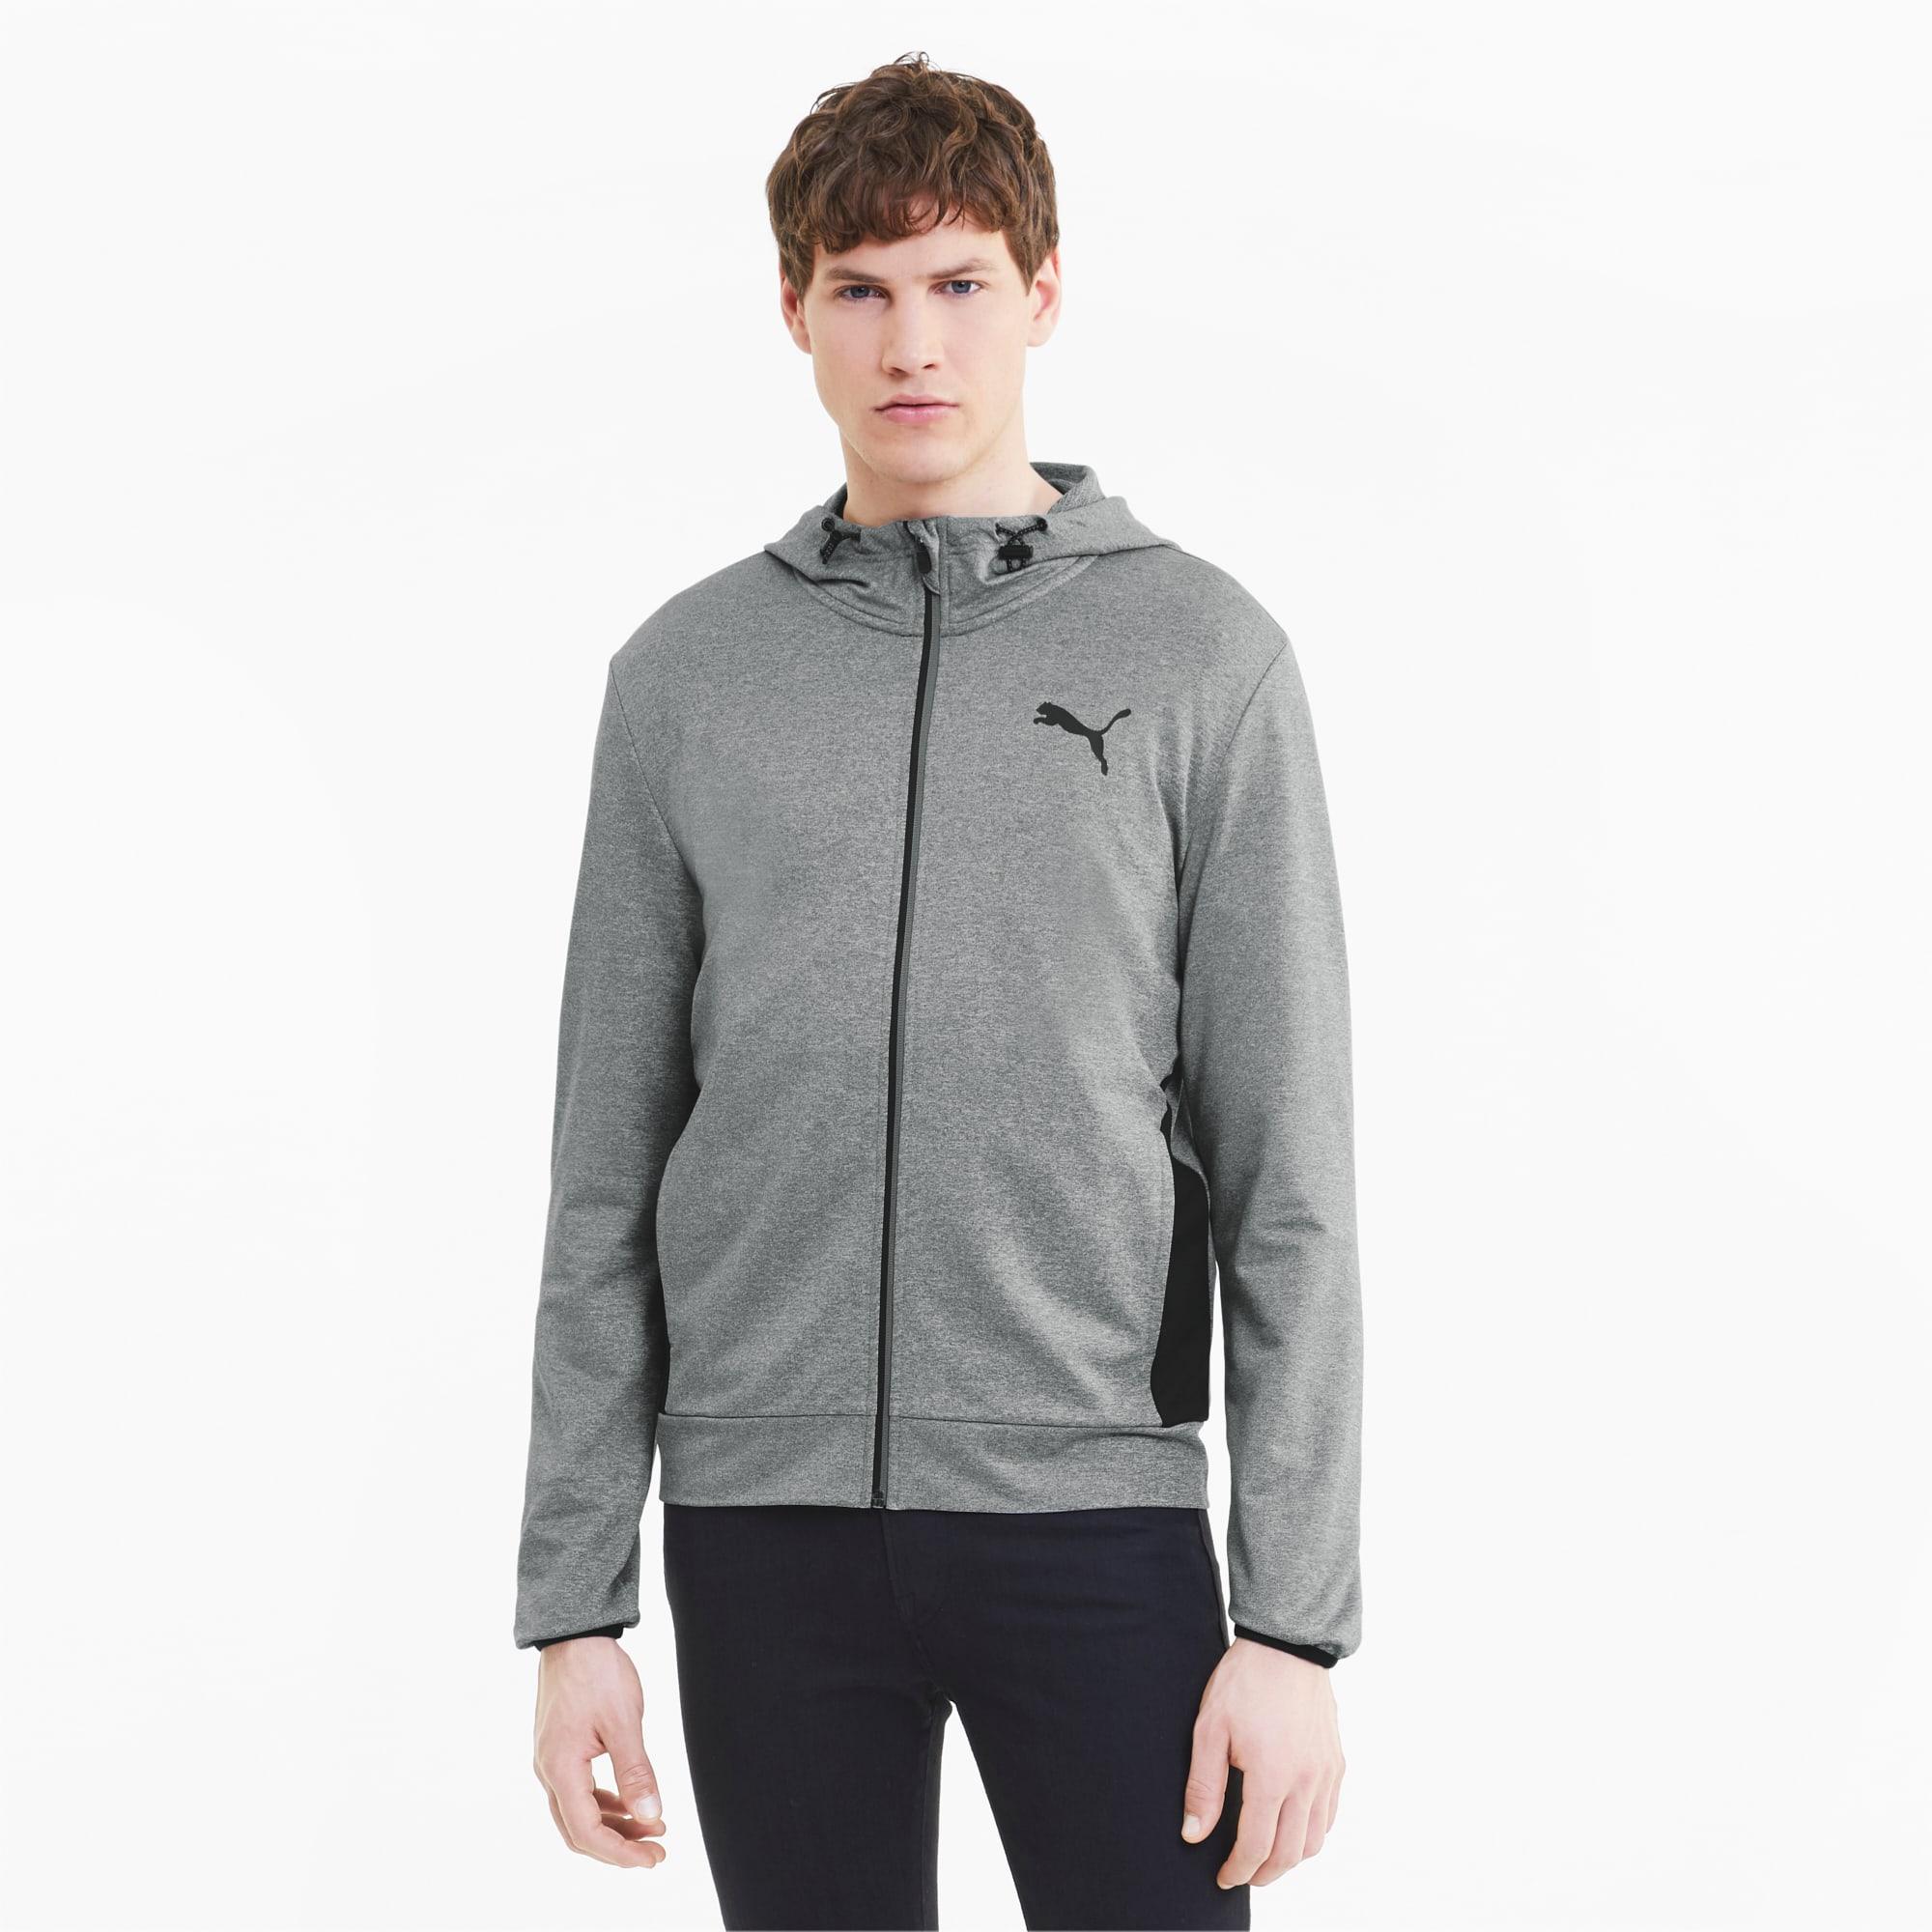 blouson en sweat avec capuche pour homme, gris/bruyère, taille xl, vêtements